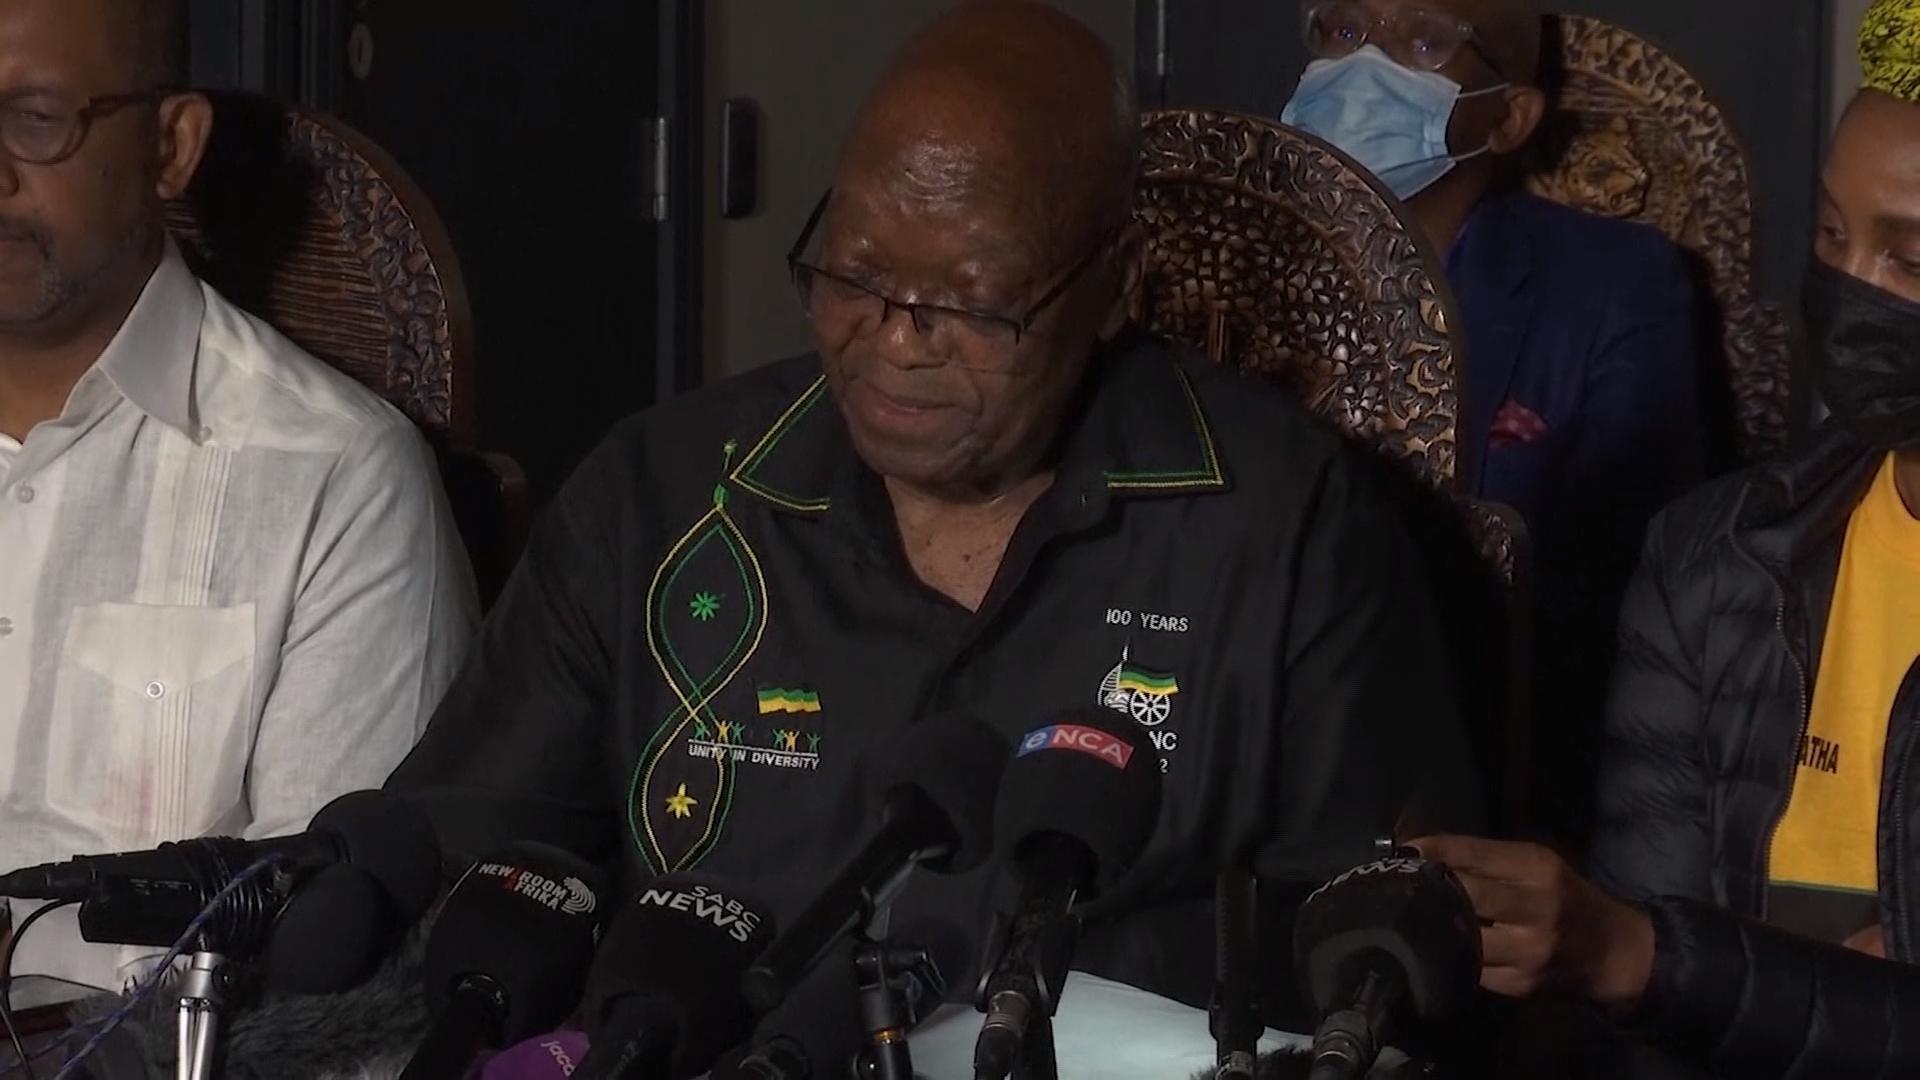 L'ex-président Zuma en prison, test pour la jeune démocratie sud-africaine